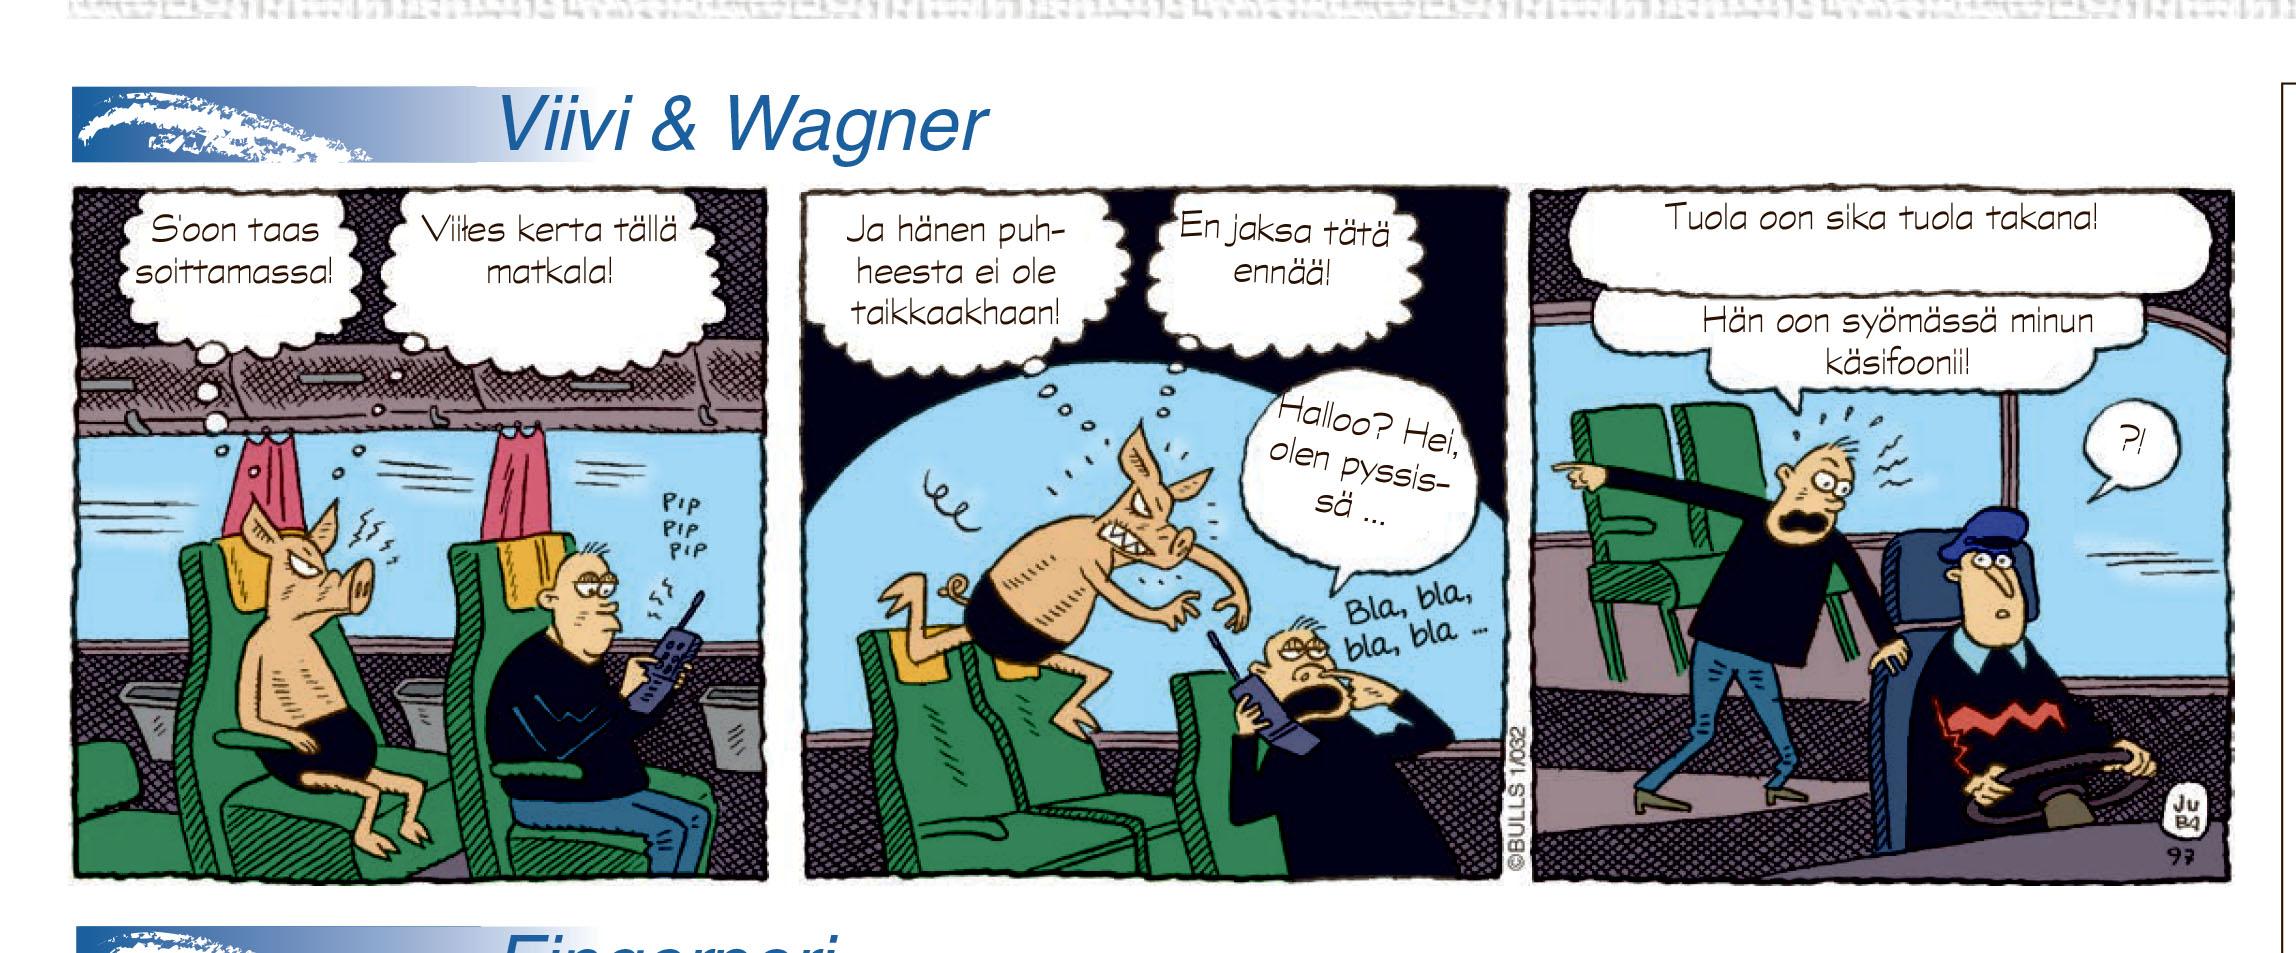 Viivi & Wagner (nr 10 -2014)